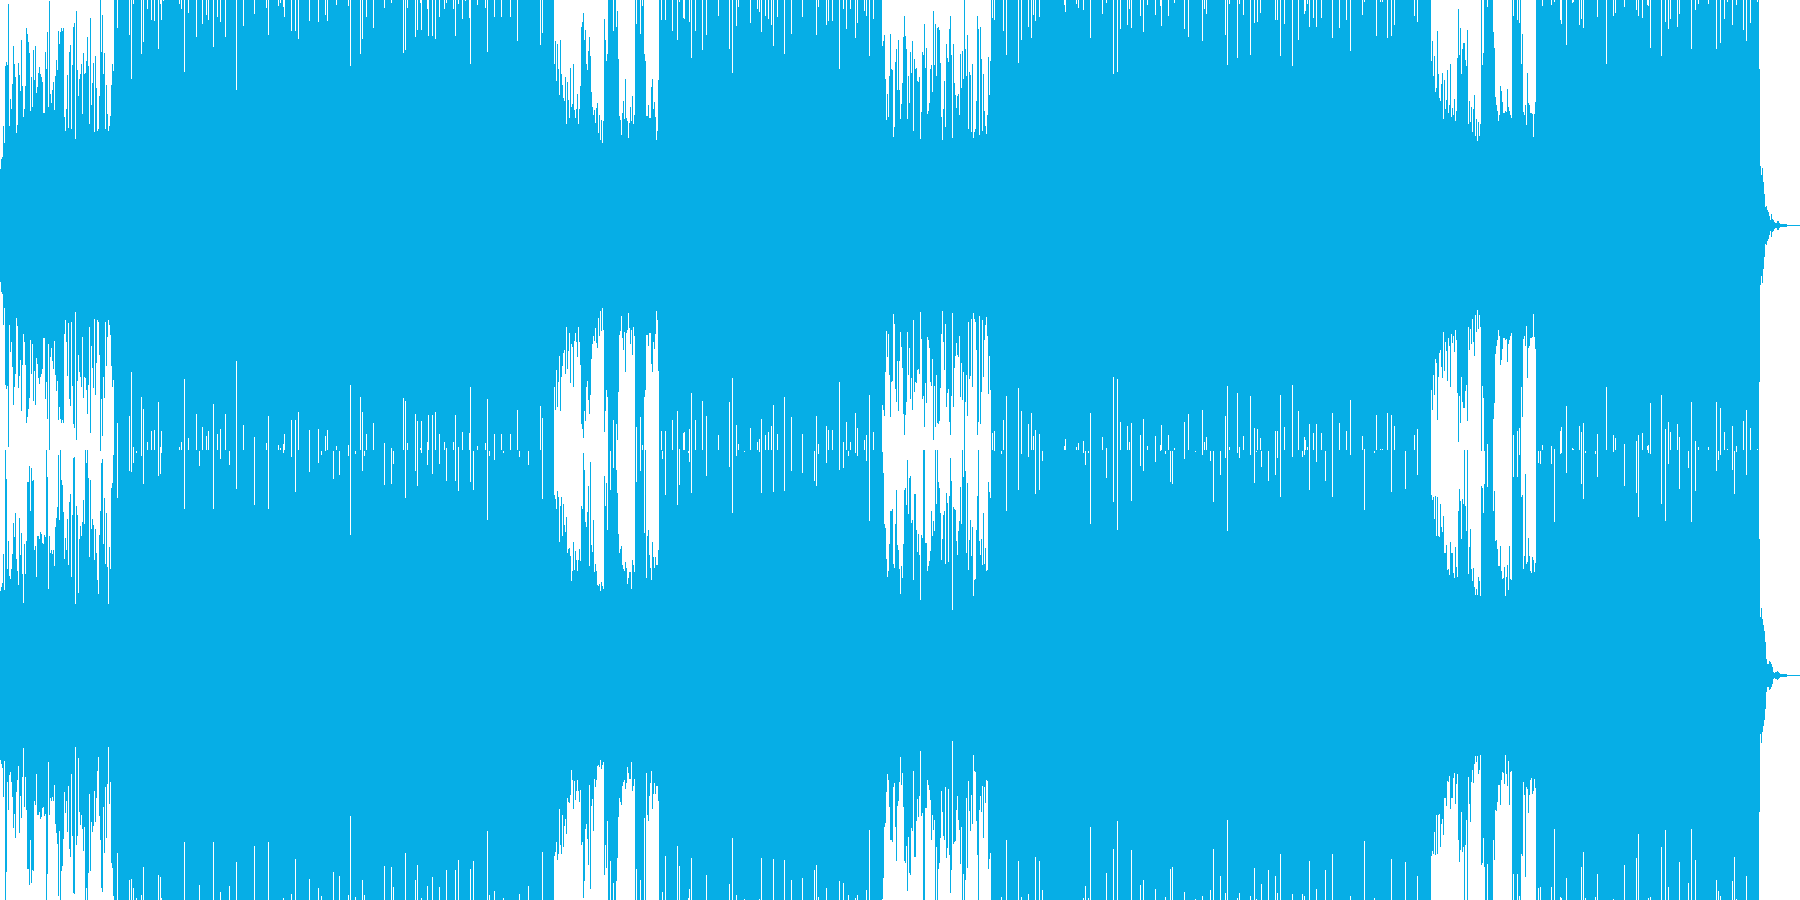 ボコーダーを使用したシンセポップの再生済みの波形